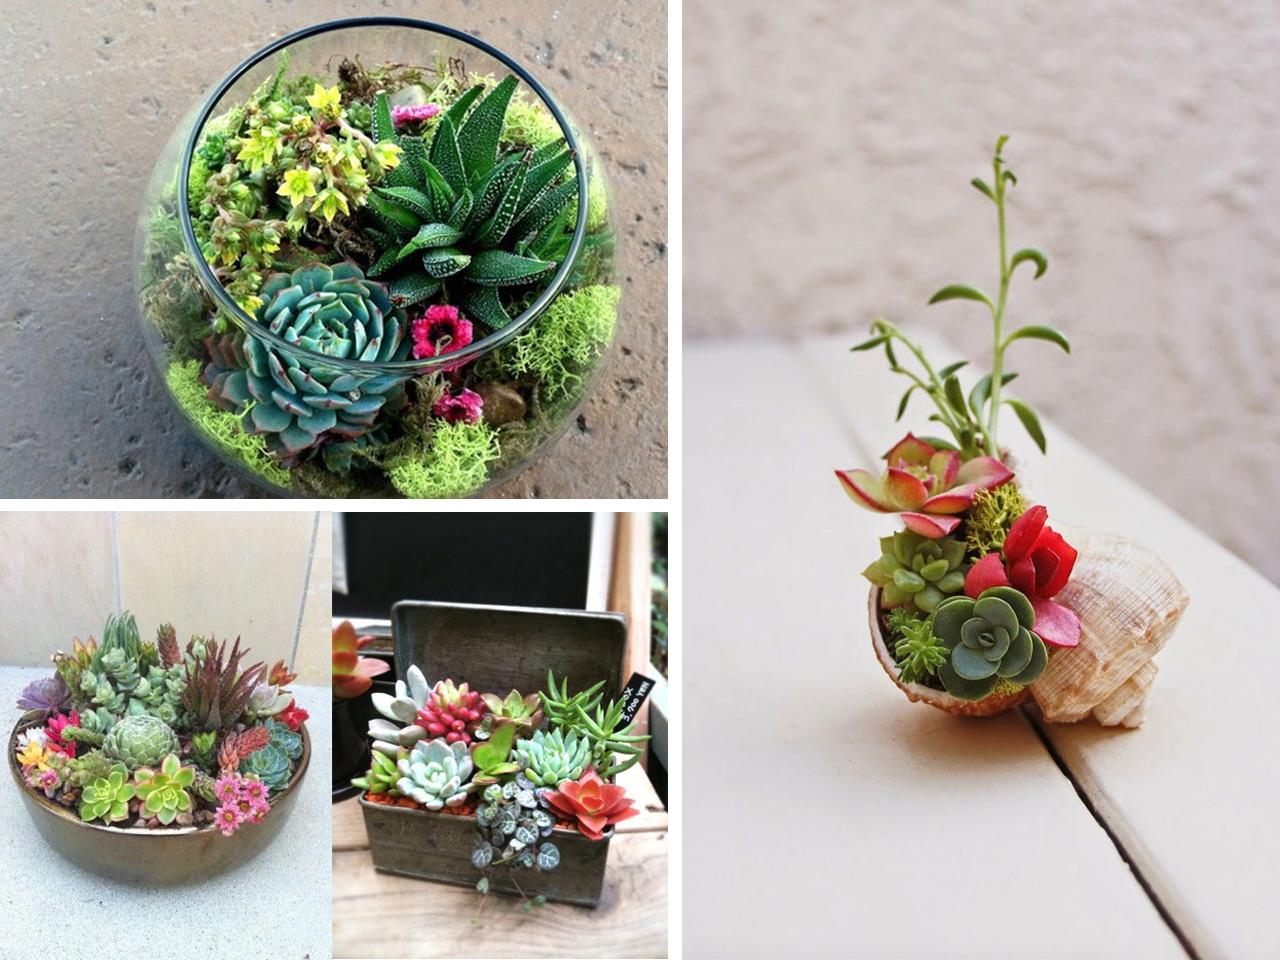 Decorar con cactus y suculentas Se llevan los extremos